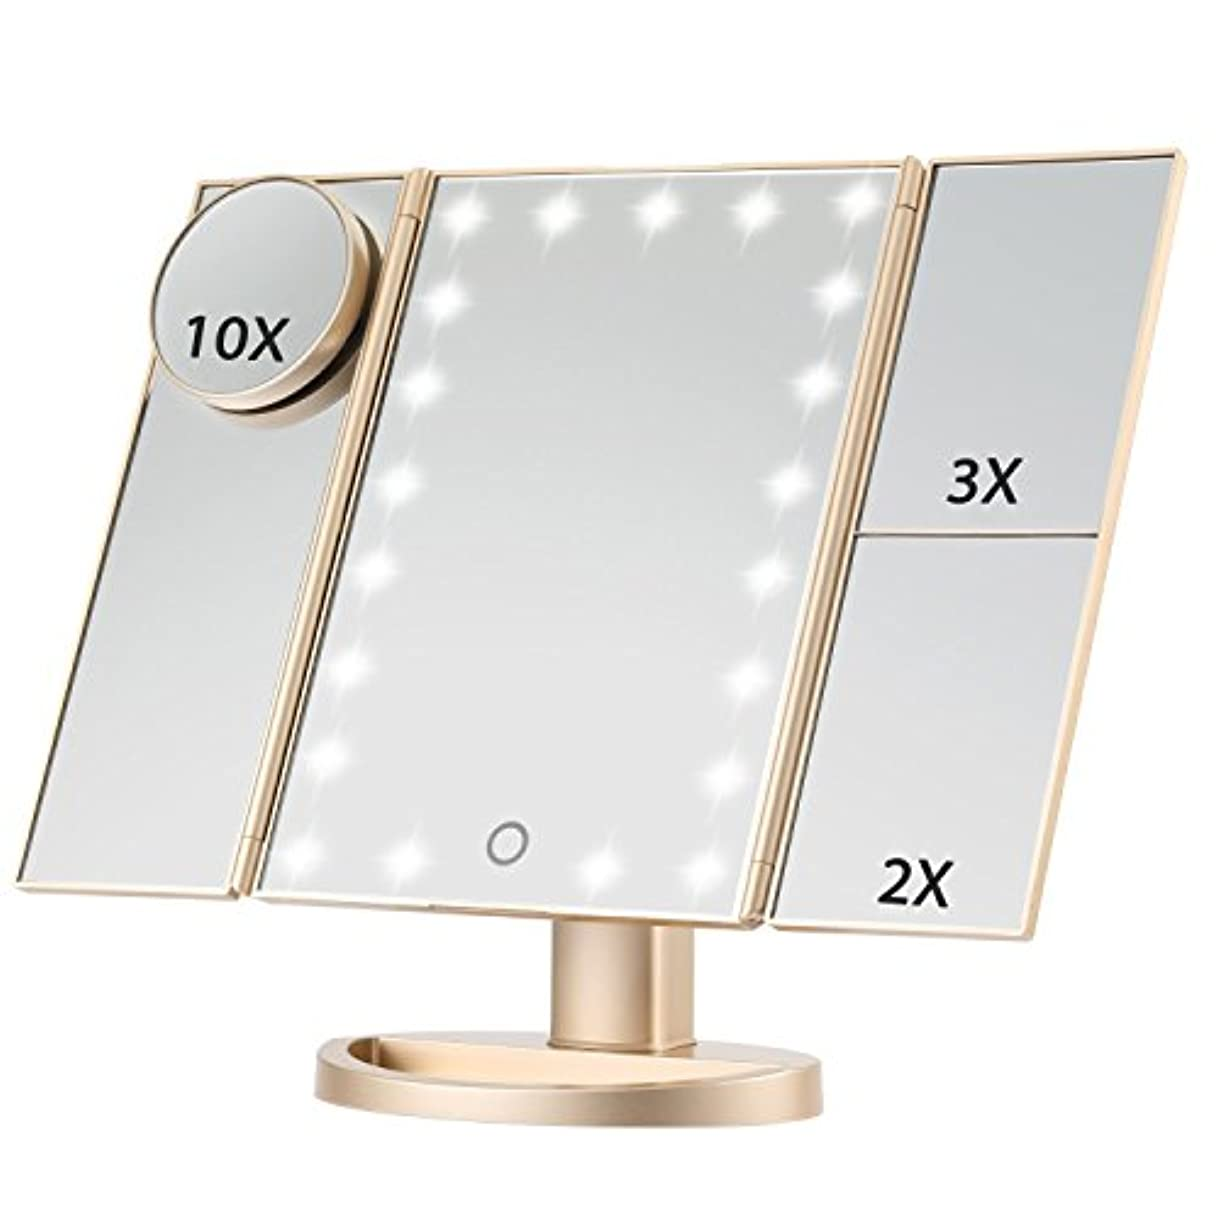 潤滑する序文反映するMagicfly 化粧鏡 化粧ミラー 鏡 三面鏡 女優ミラー 卓上 led付き 折りたたみ 拡大鏡10&3&2倍 明るさ調節可能 180°回転 電池/USB 2WAY給電 (ゴルード)